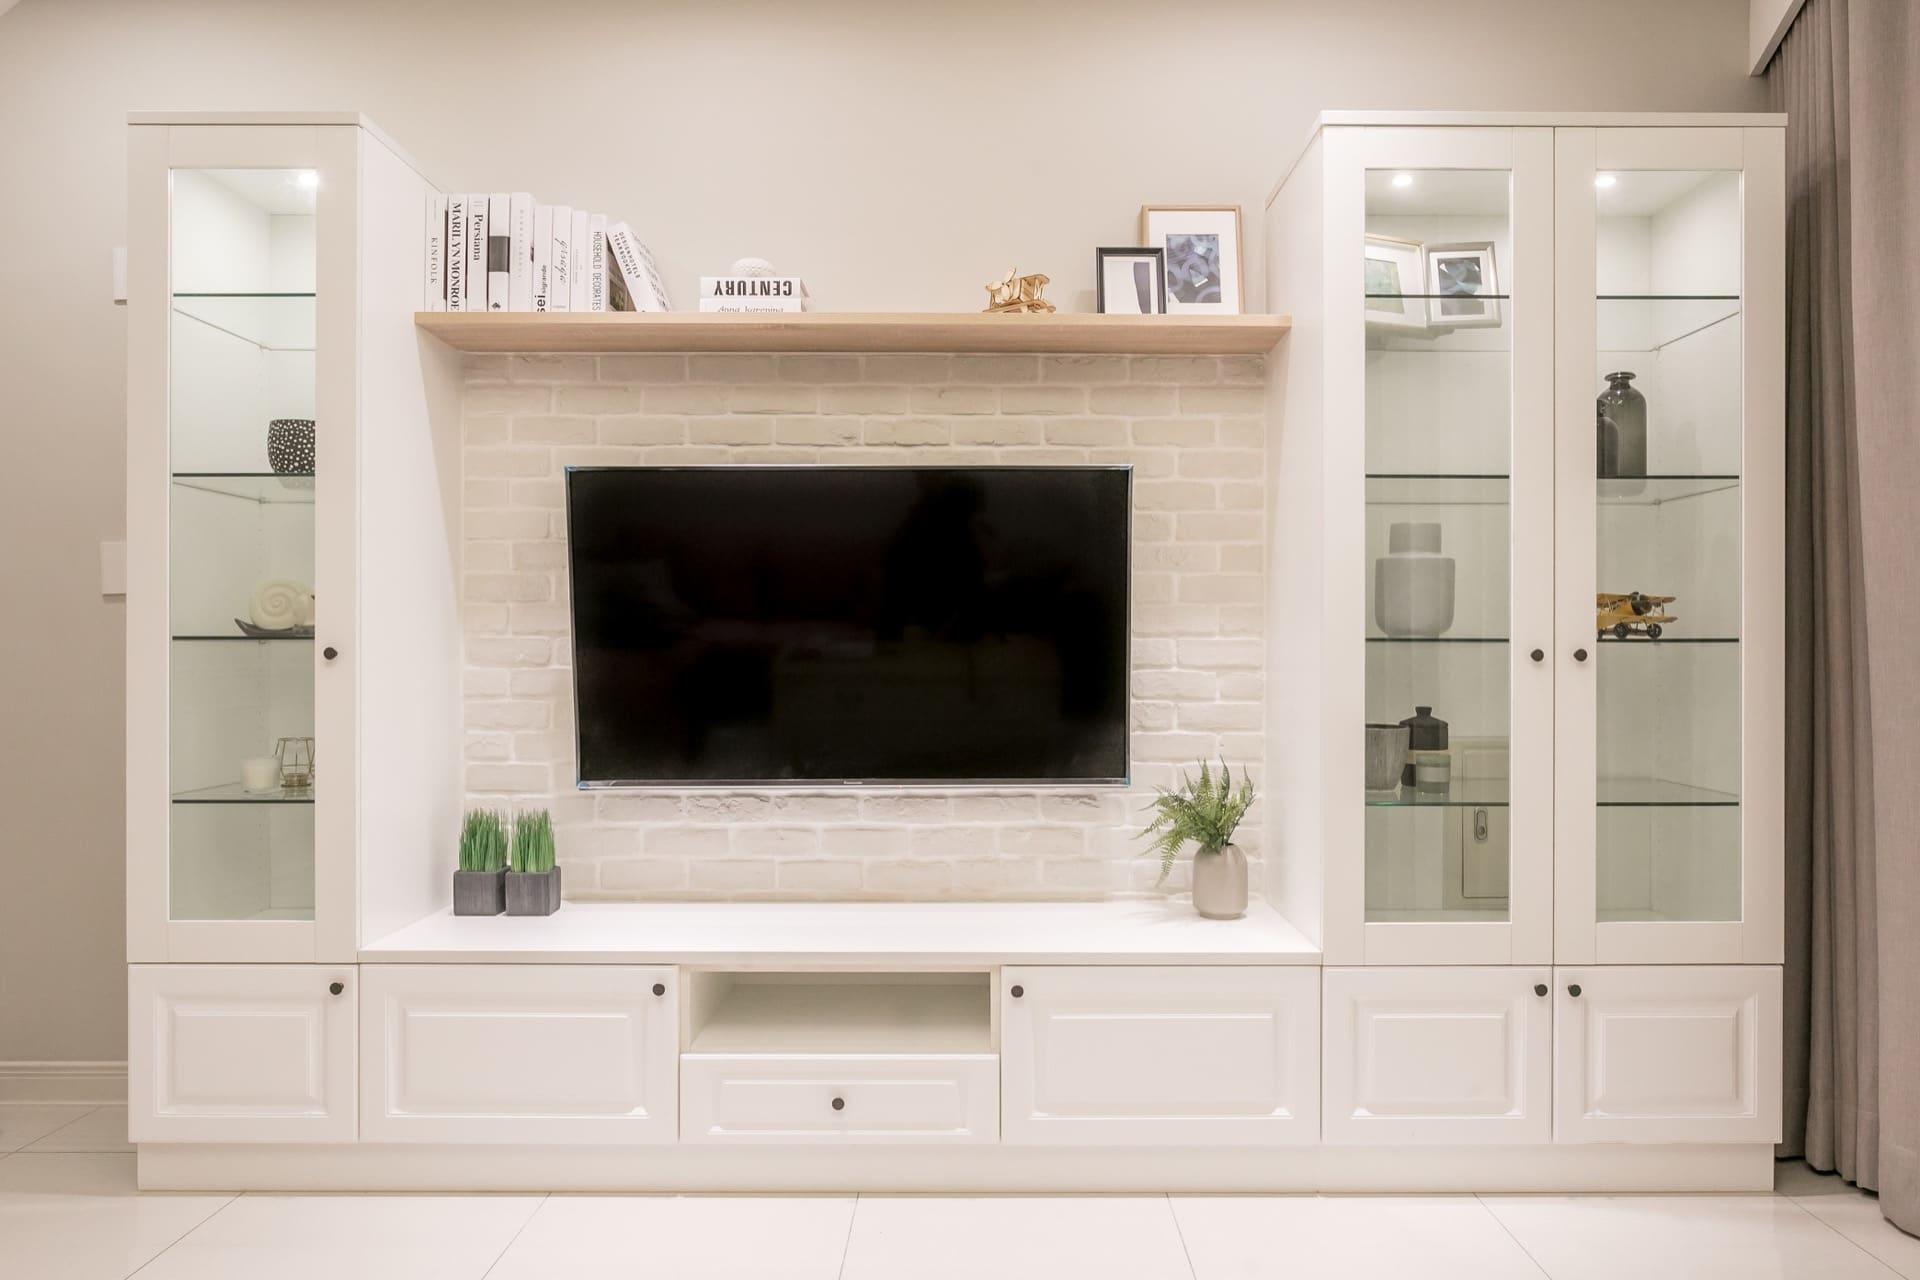 特別設計的不對稱電視櫃,以修正歪斜的客廳視覺角度